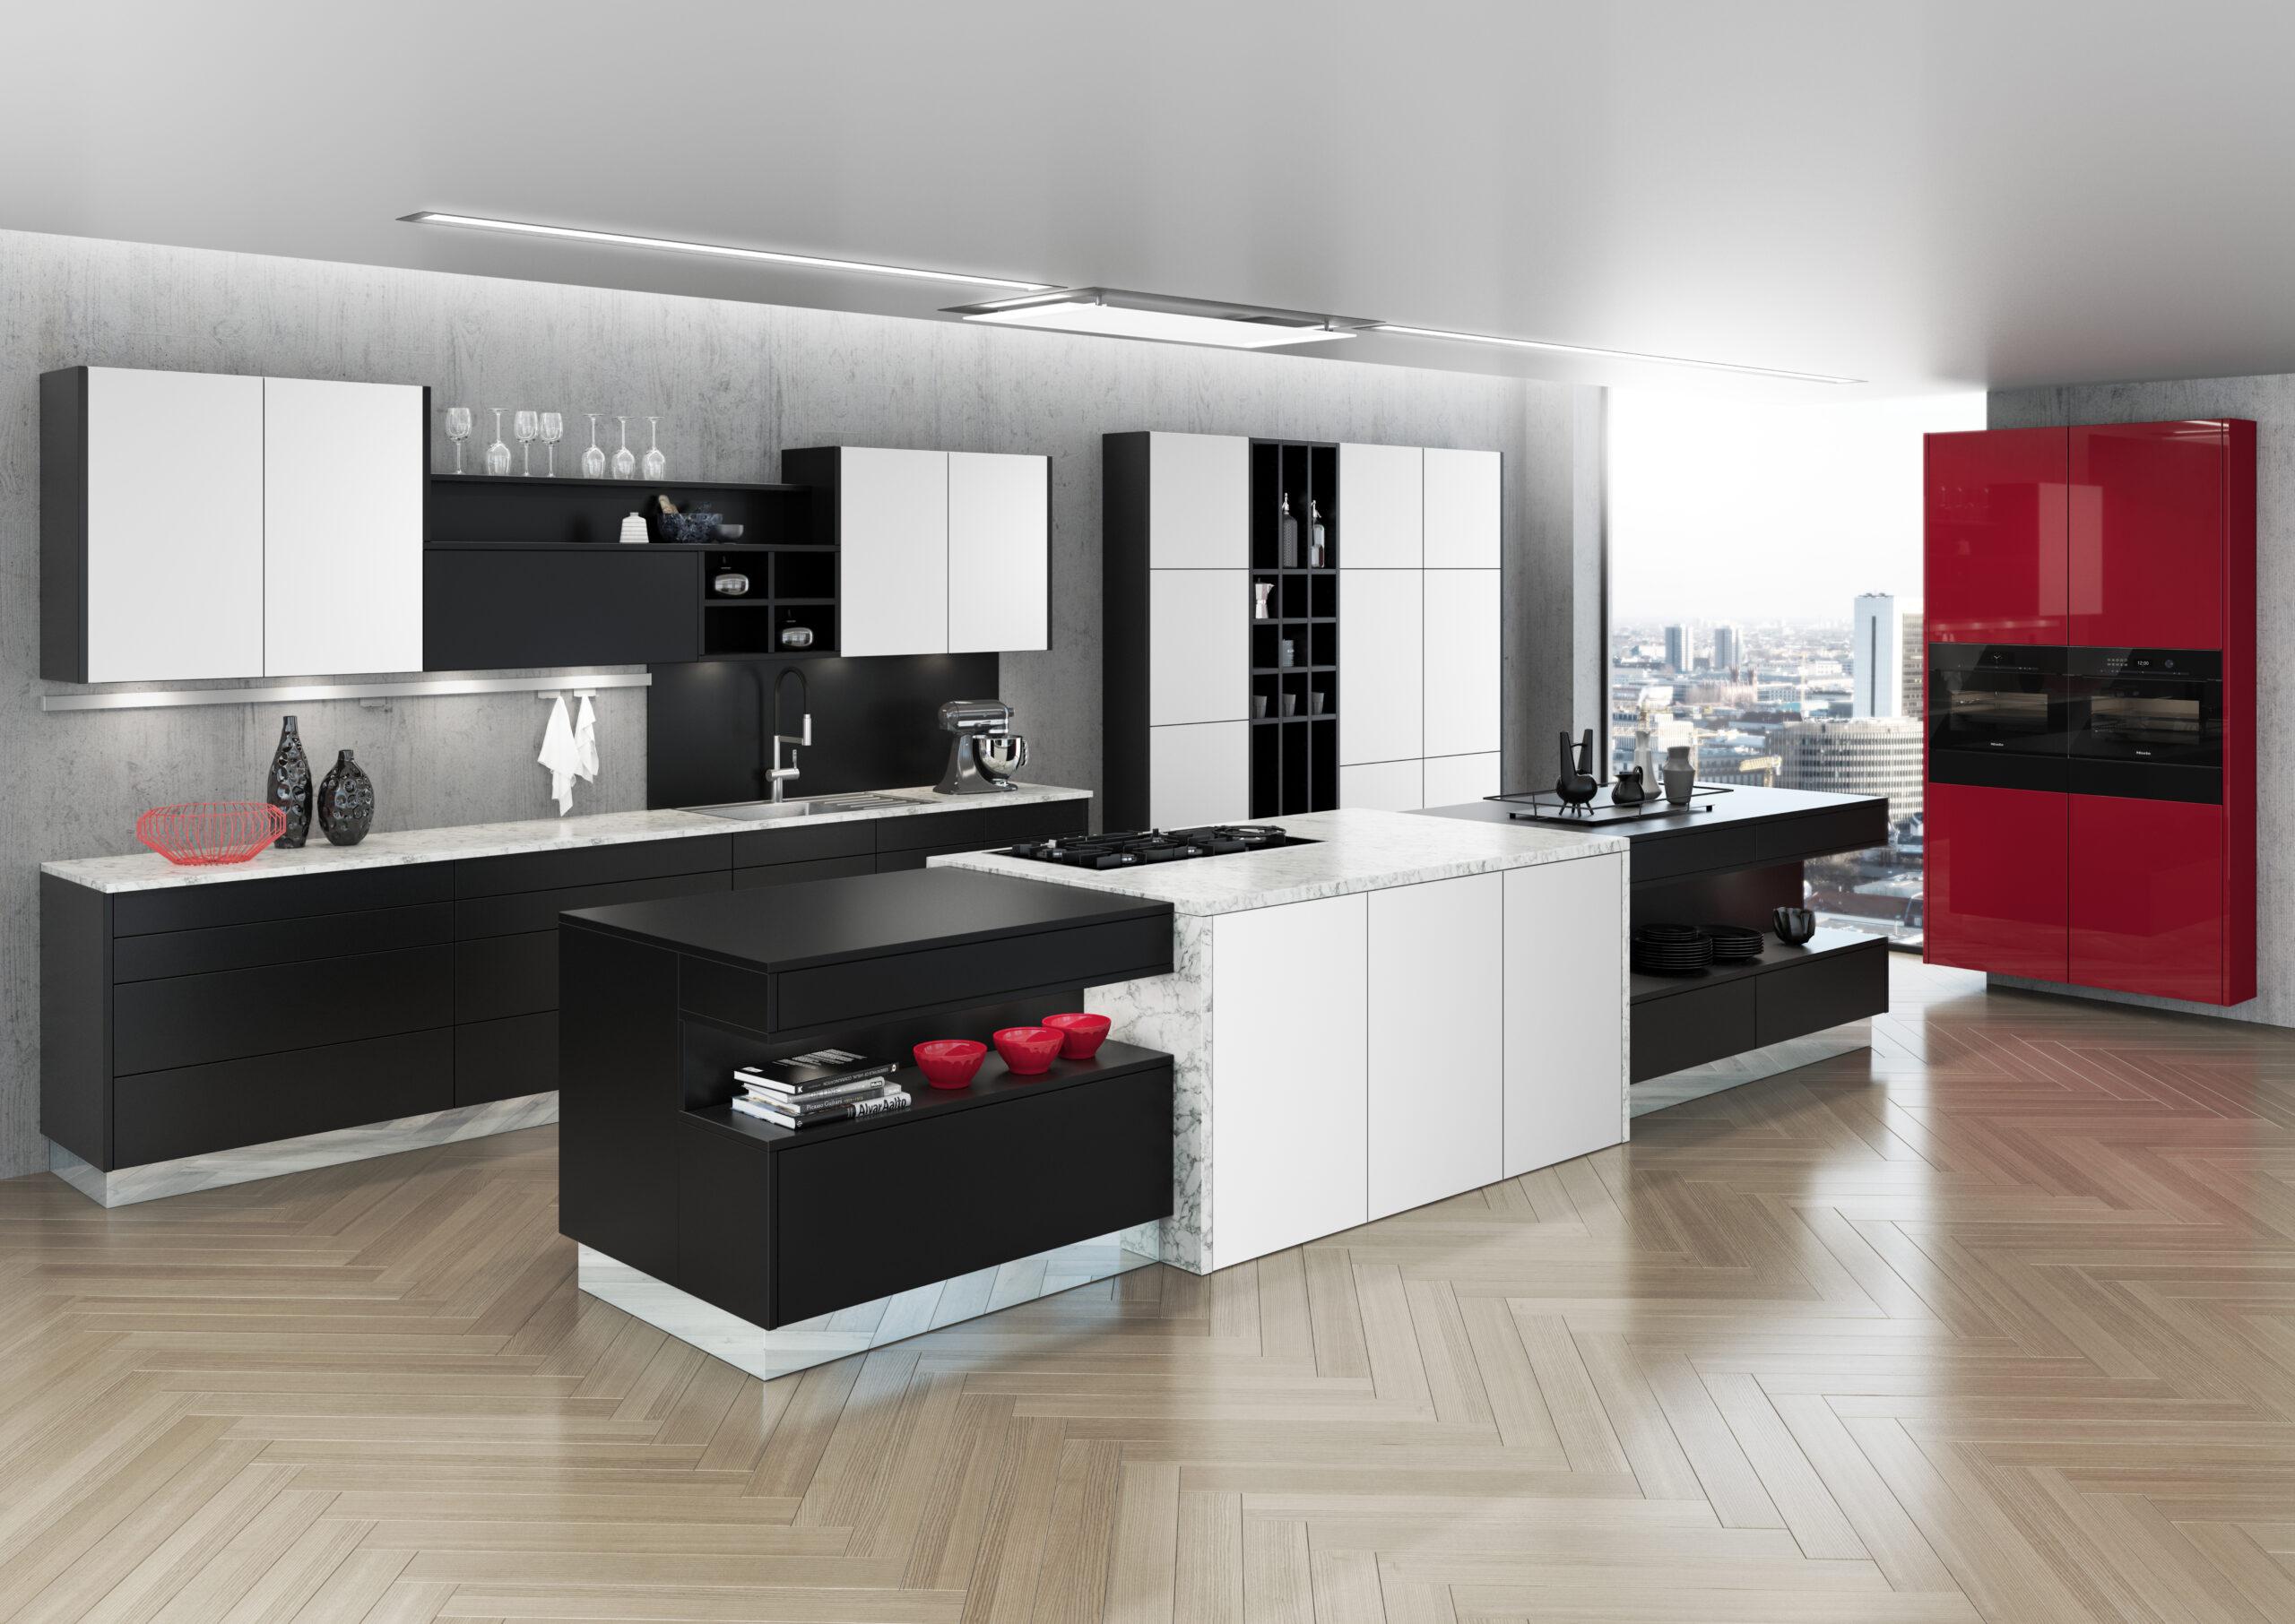 Full Size of Freistehende Küche Wohnzimmer Kücheninsel Freistehend